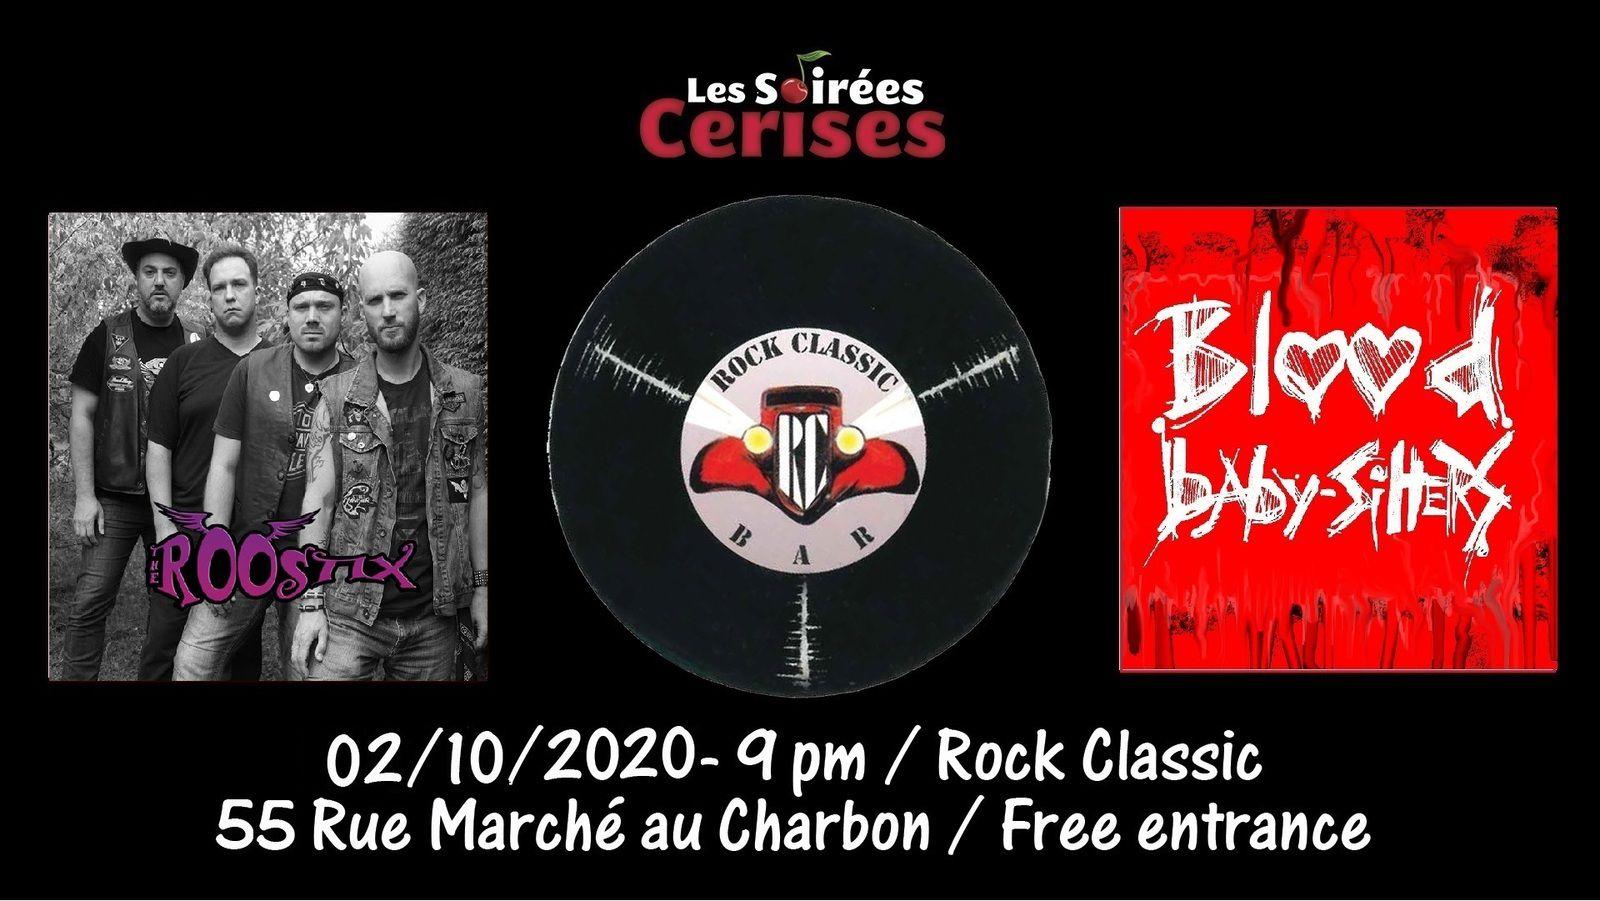 🎵 The Roostix + Blood Baby-Sitters @ Rock Classic - 02/10/2020 - 21h00 - Entrée gratuite  / Free entrance